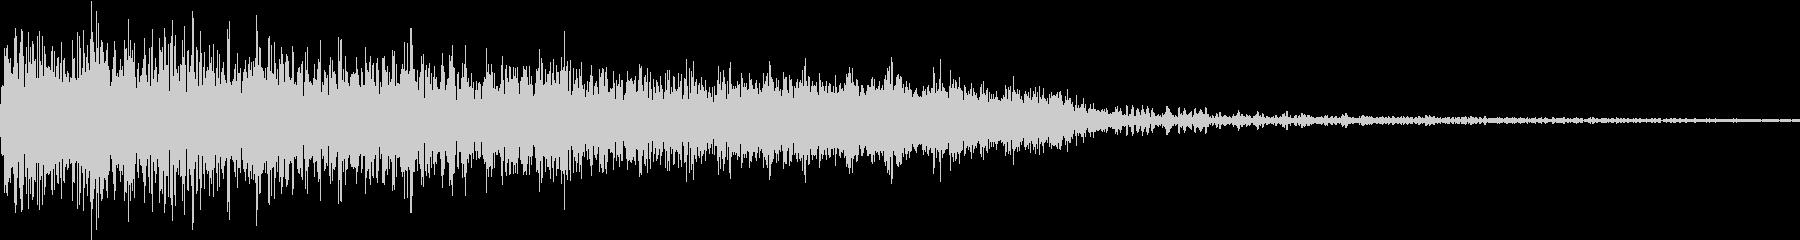 衝撃 ギター インパクト ノイズ 03の未再生の波形